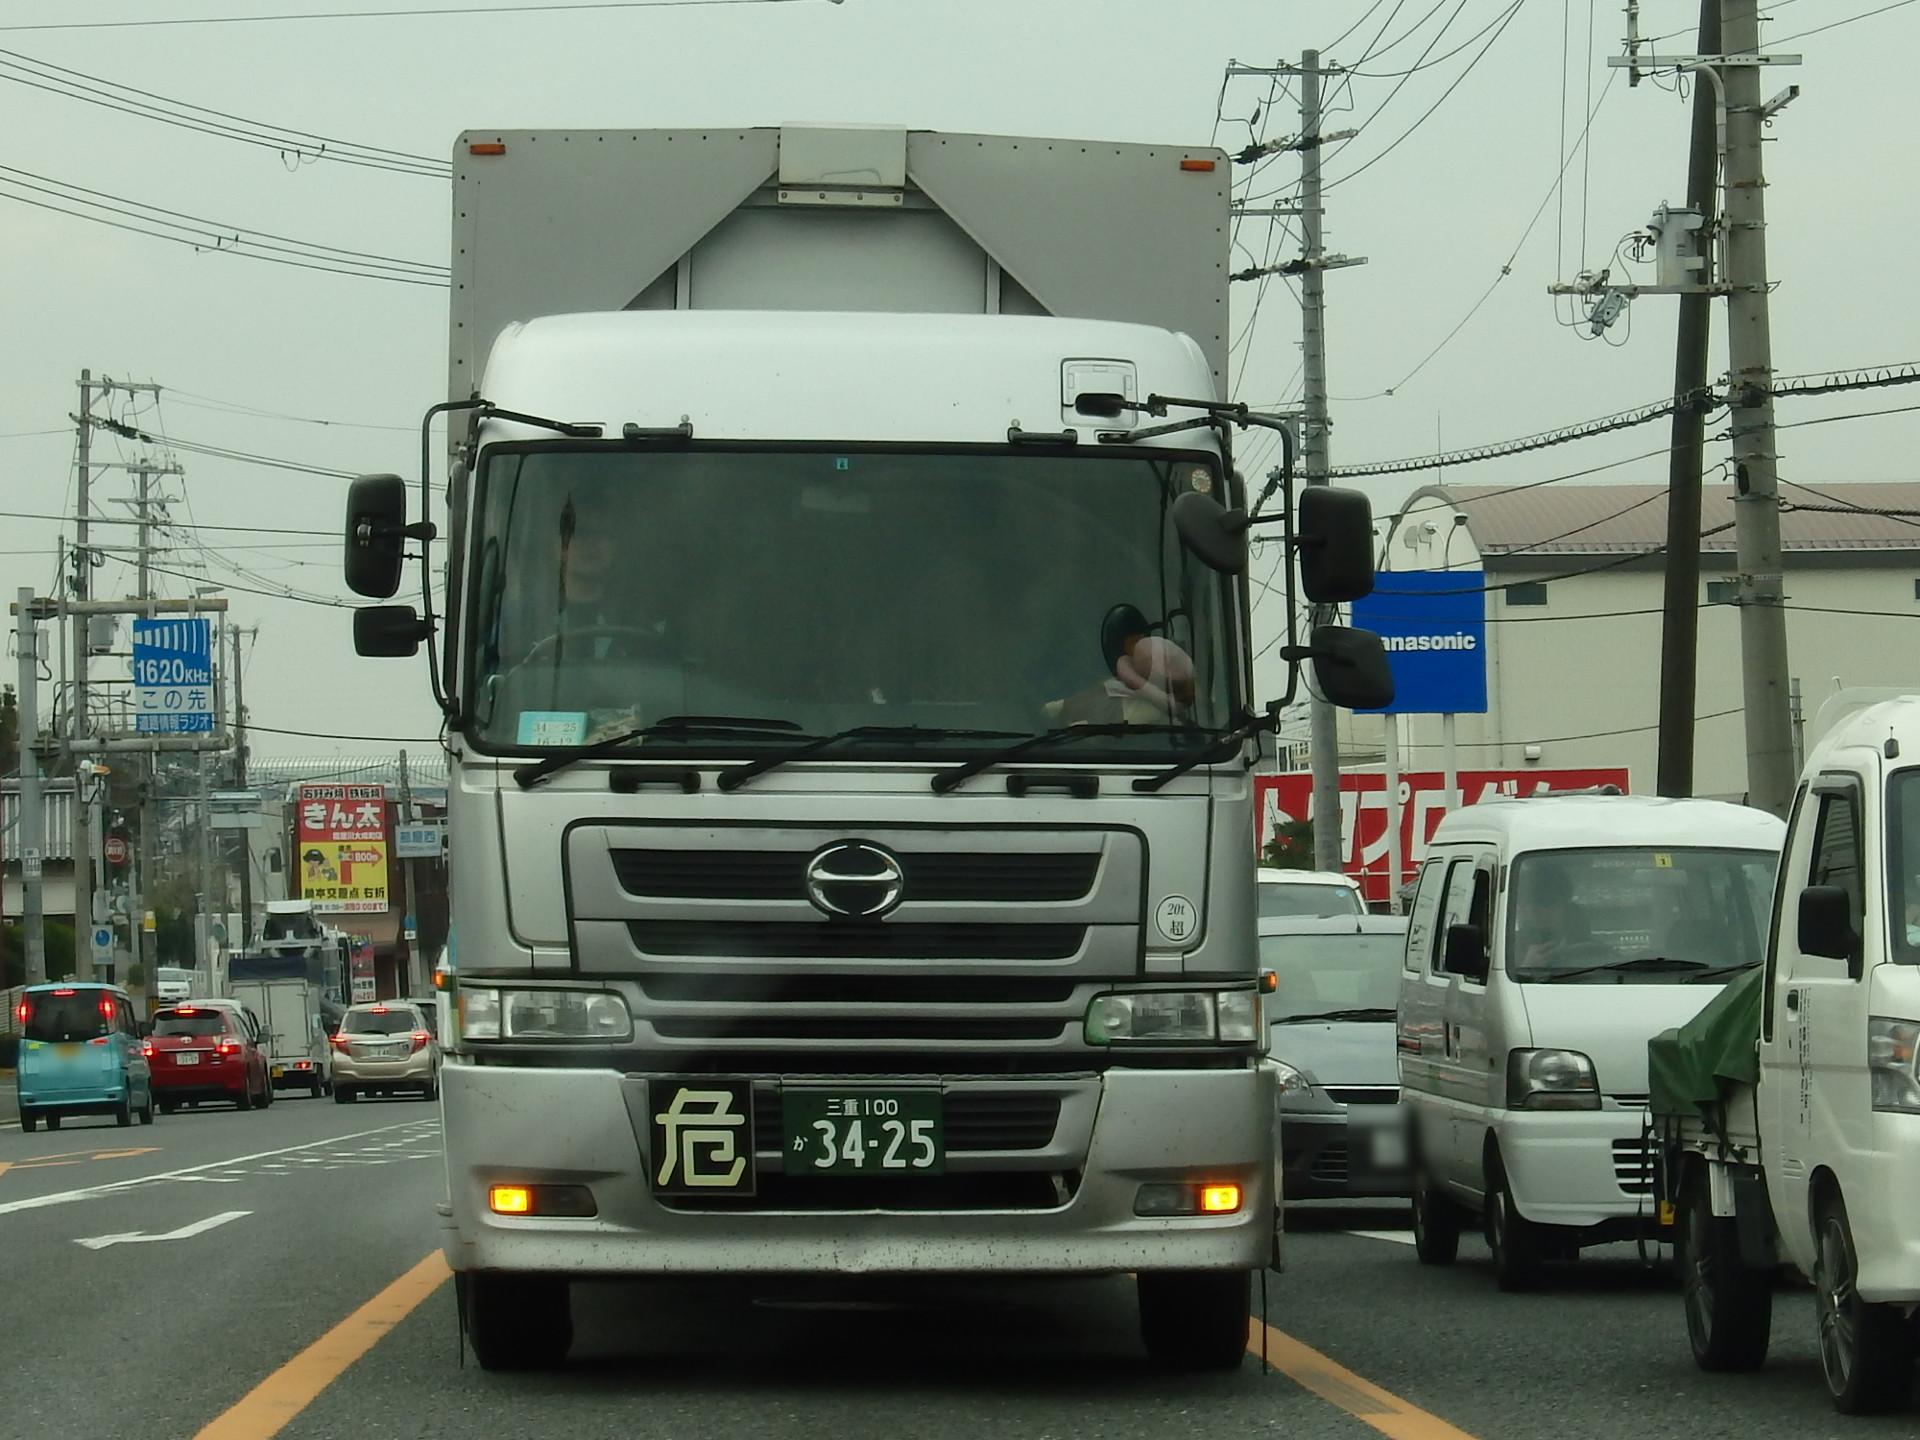 危険で迷惑な10トントラック「34−25」。